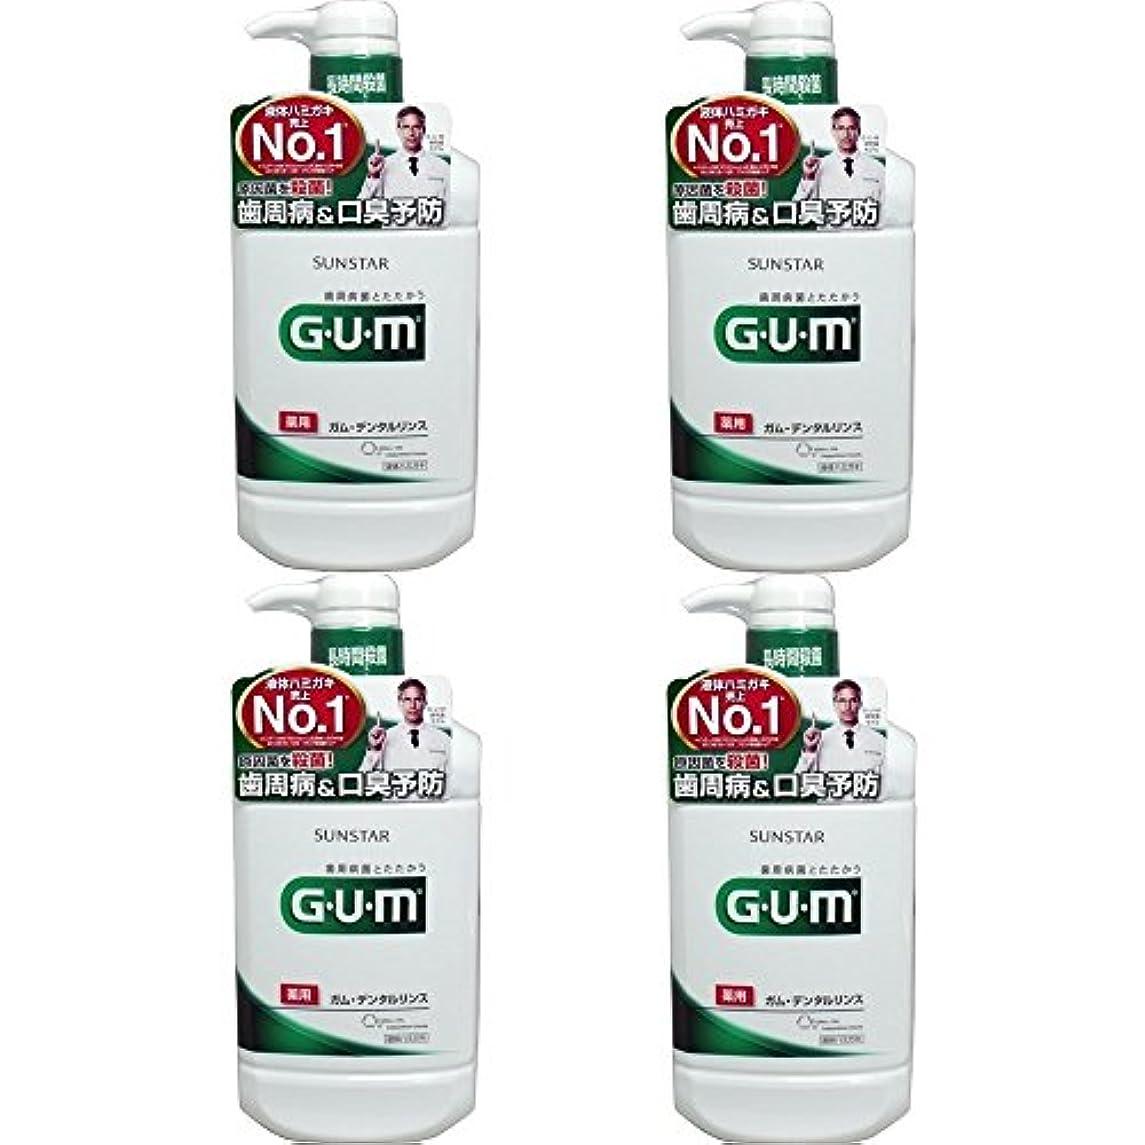 ラショナルクレーター好ましい【セット品】GUM(ガム)?デンタルリンス (レギュラータイプ) 960mL (医薬部外品) (4個)